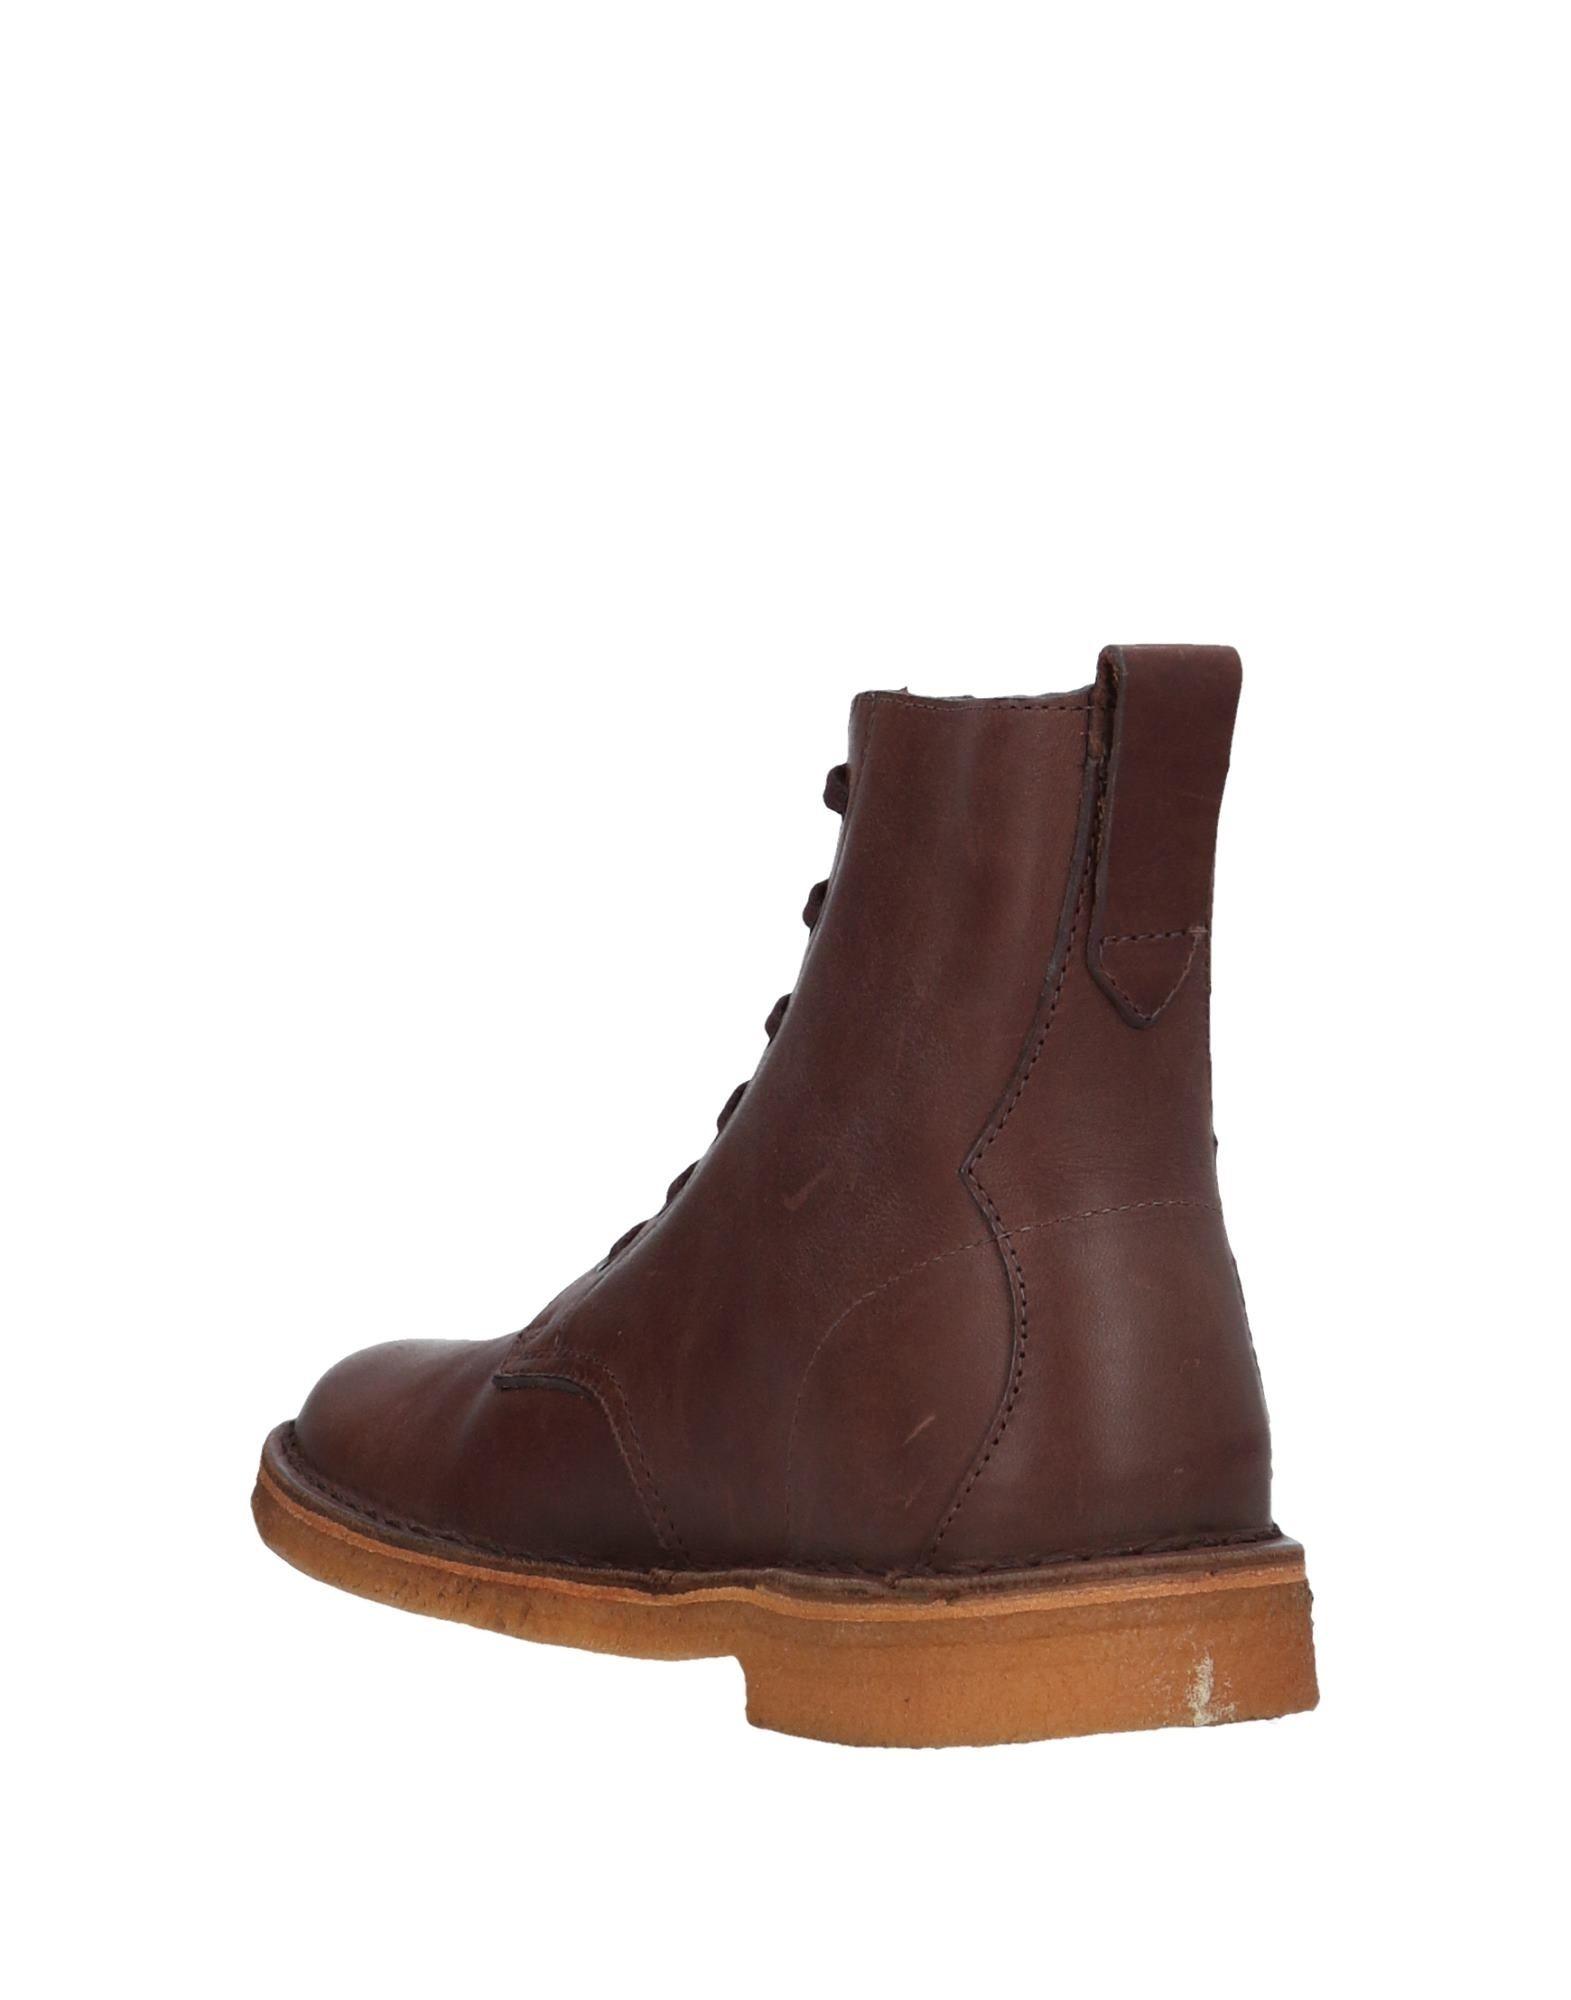 Stilvolle billige Schuhe Damen Clarks Originals Stiefelette Damen Schuhe  11519444BD 7fec2c